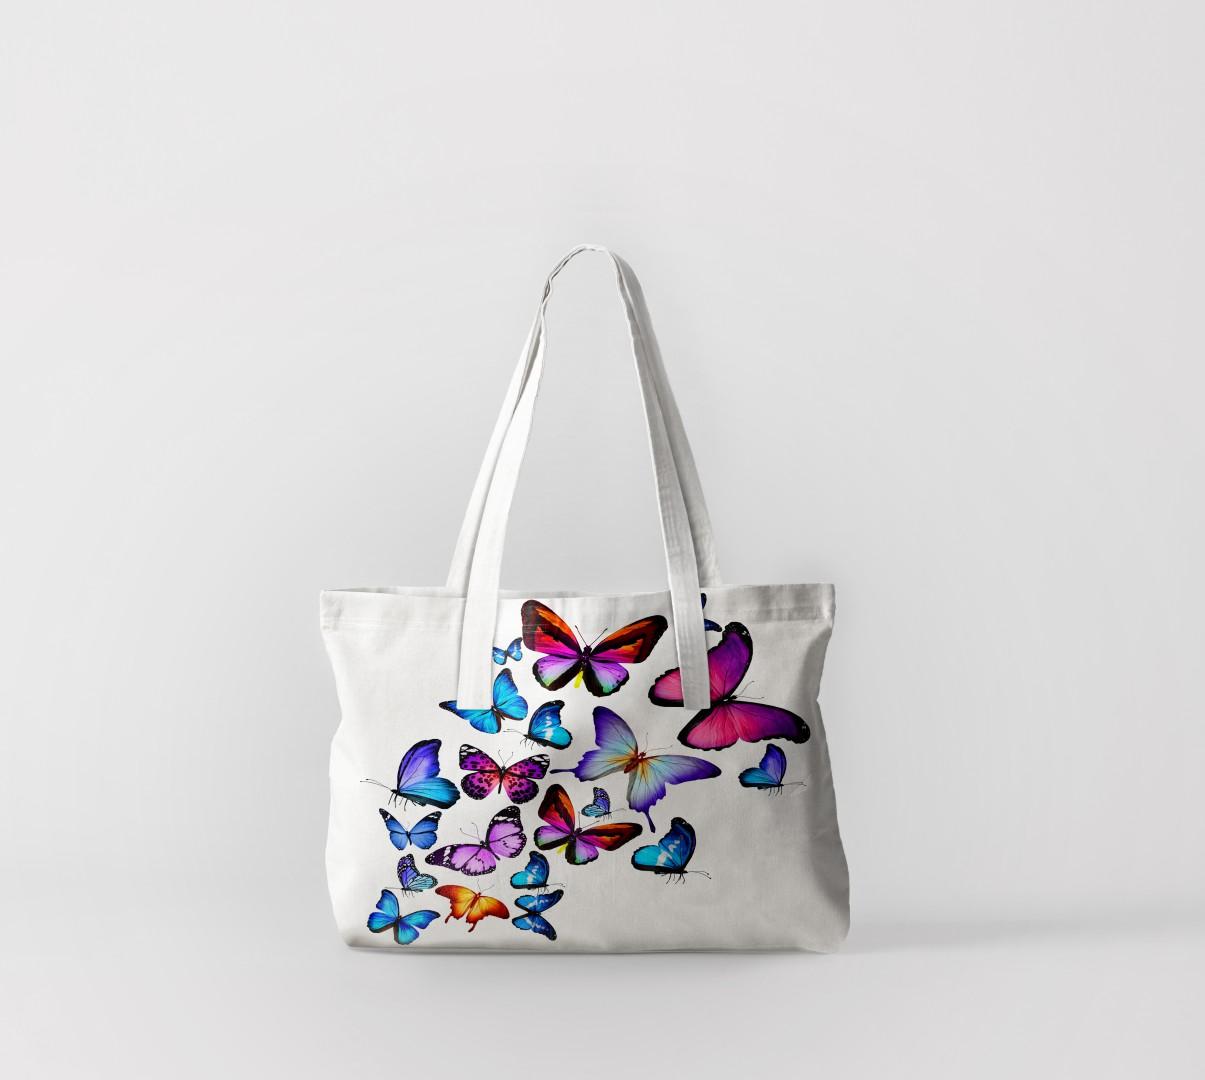 Пляжная сумка Яркие бабочки 4 (50х40 см) Олимп Текстиль oli732616